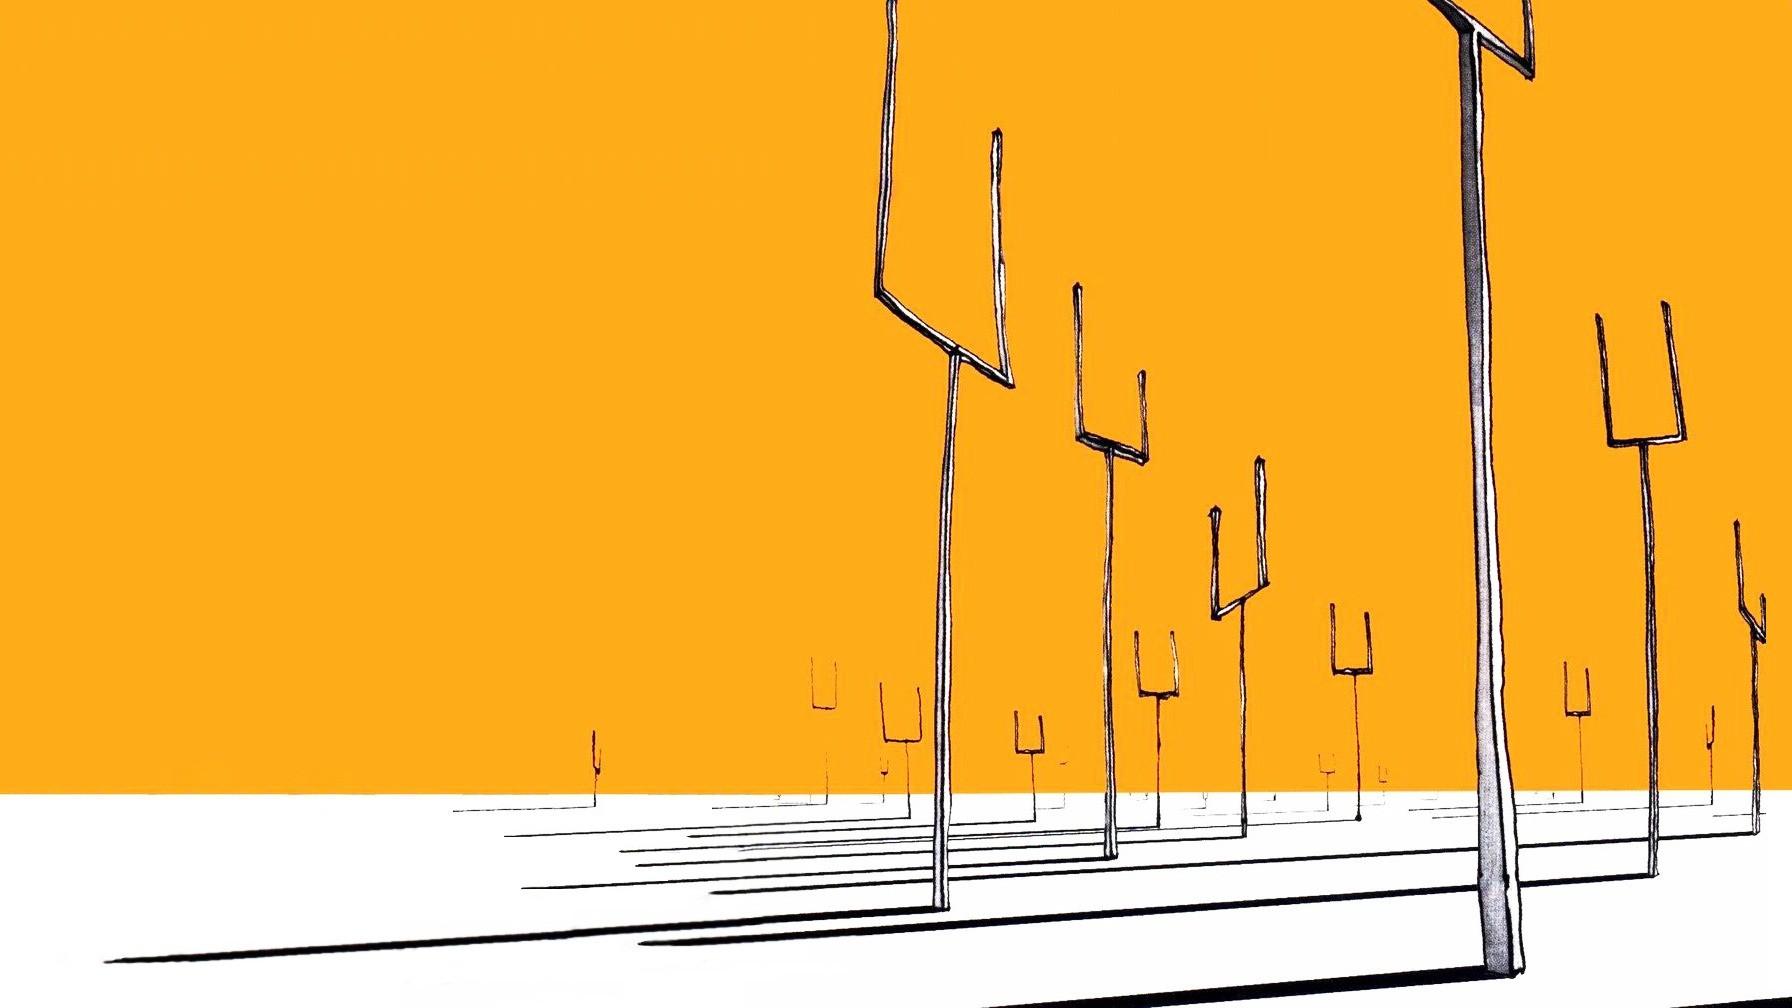 Hintergrundbilder : Zeichnung, Illustration, Fahrzeug, Musik-, Album ...